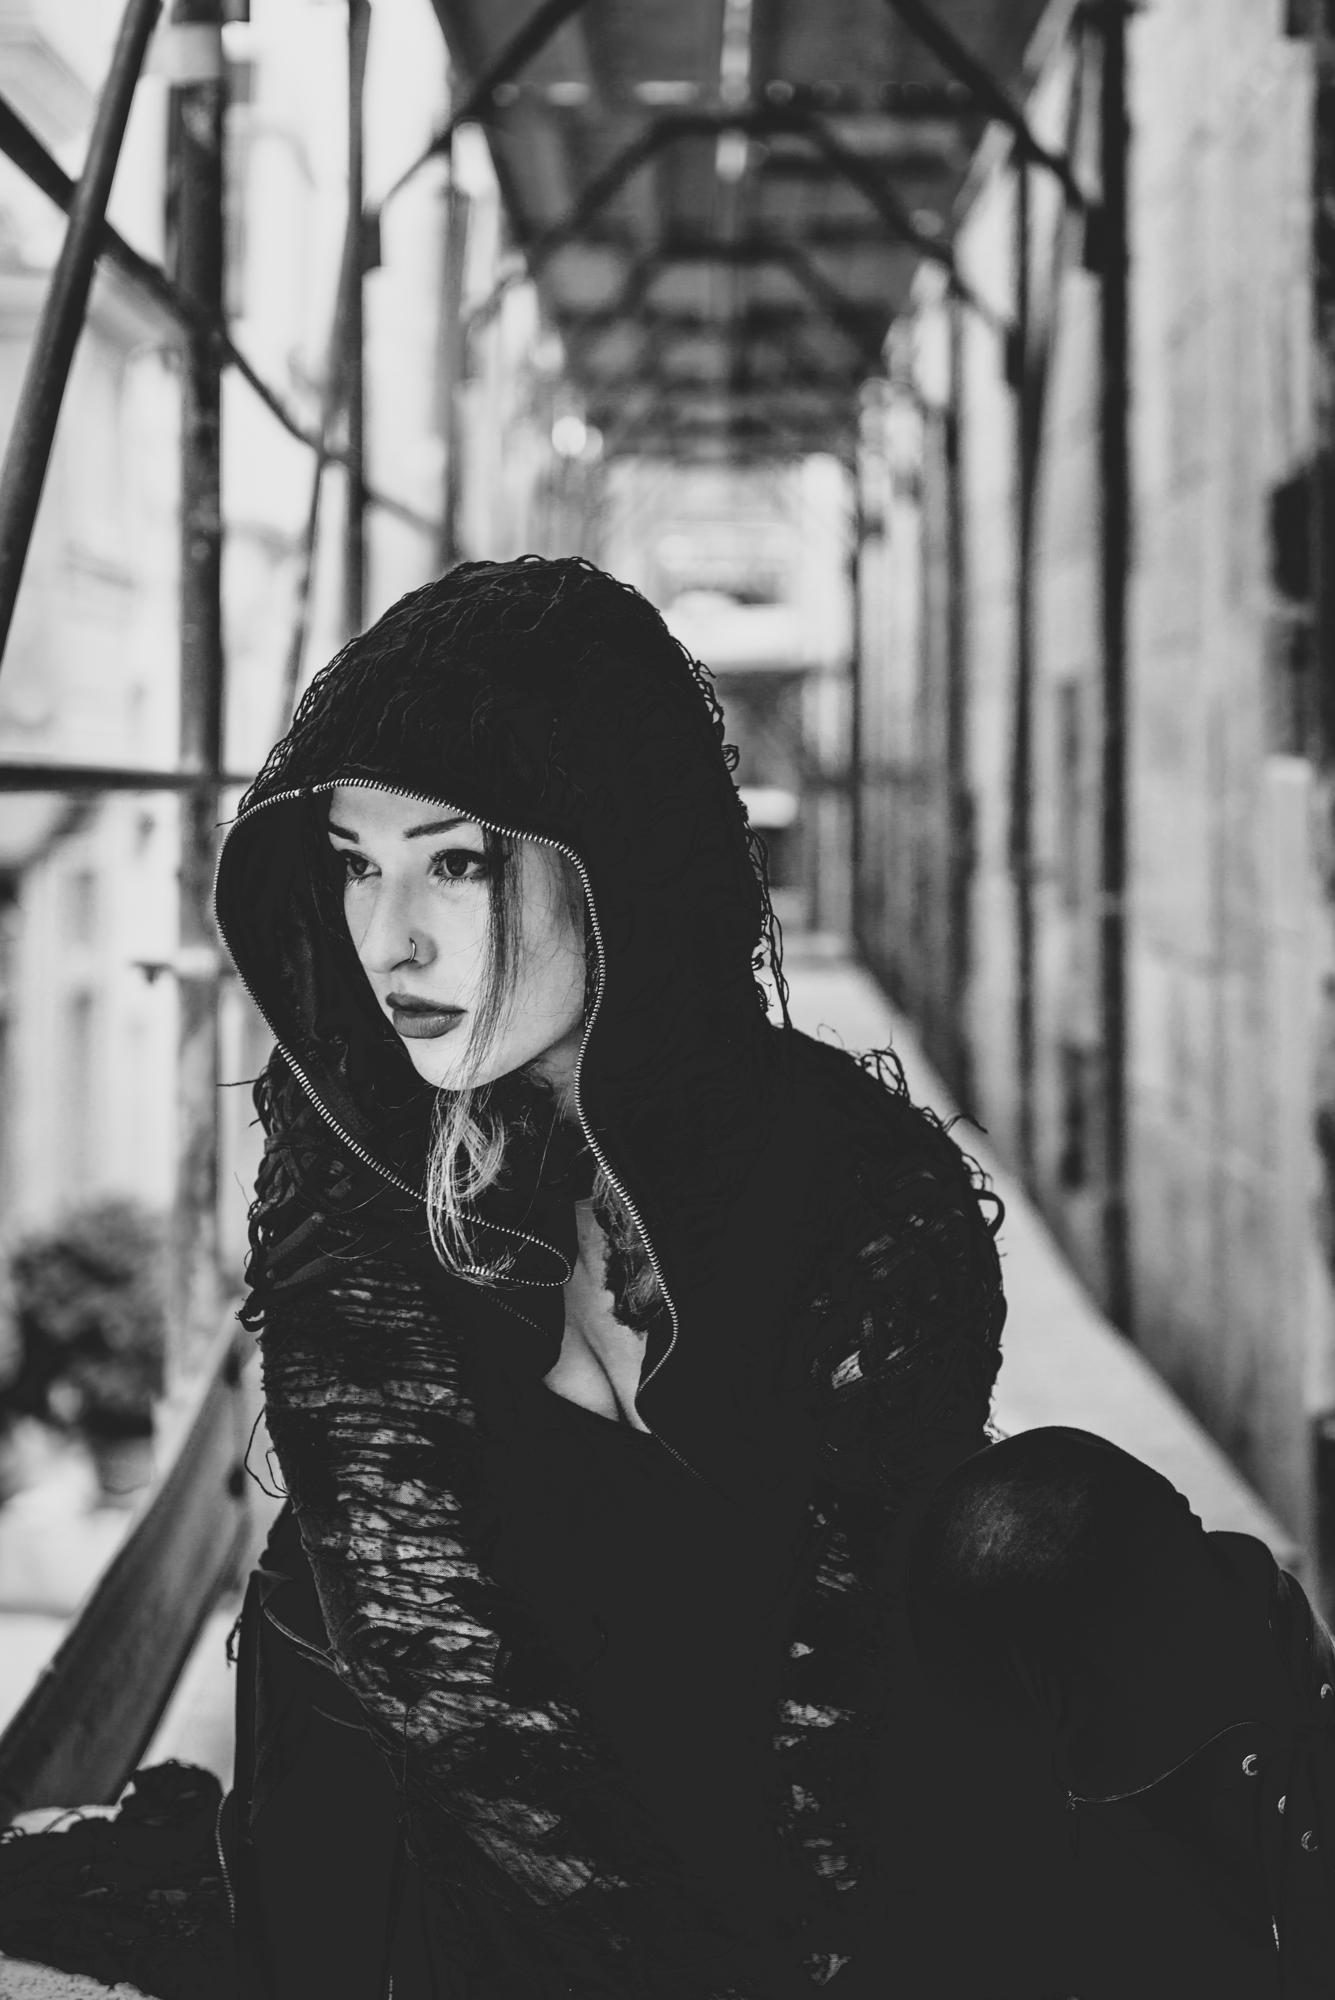 Singer Vanja Obscure